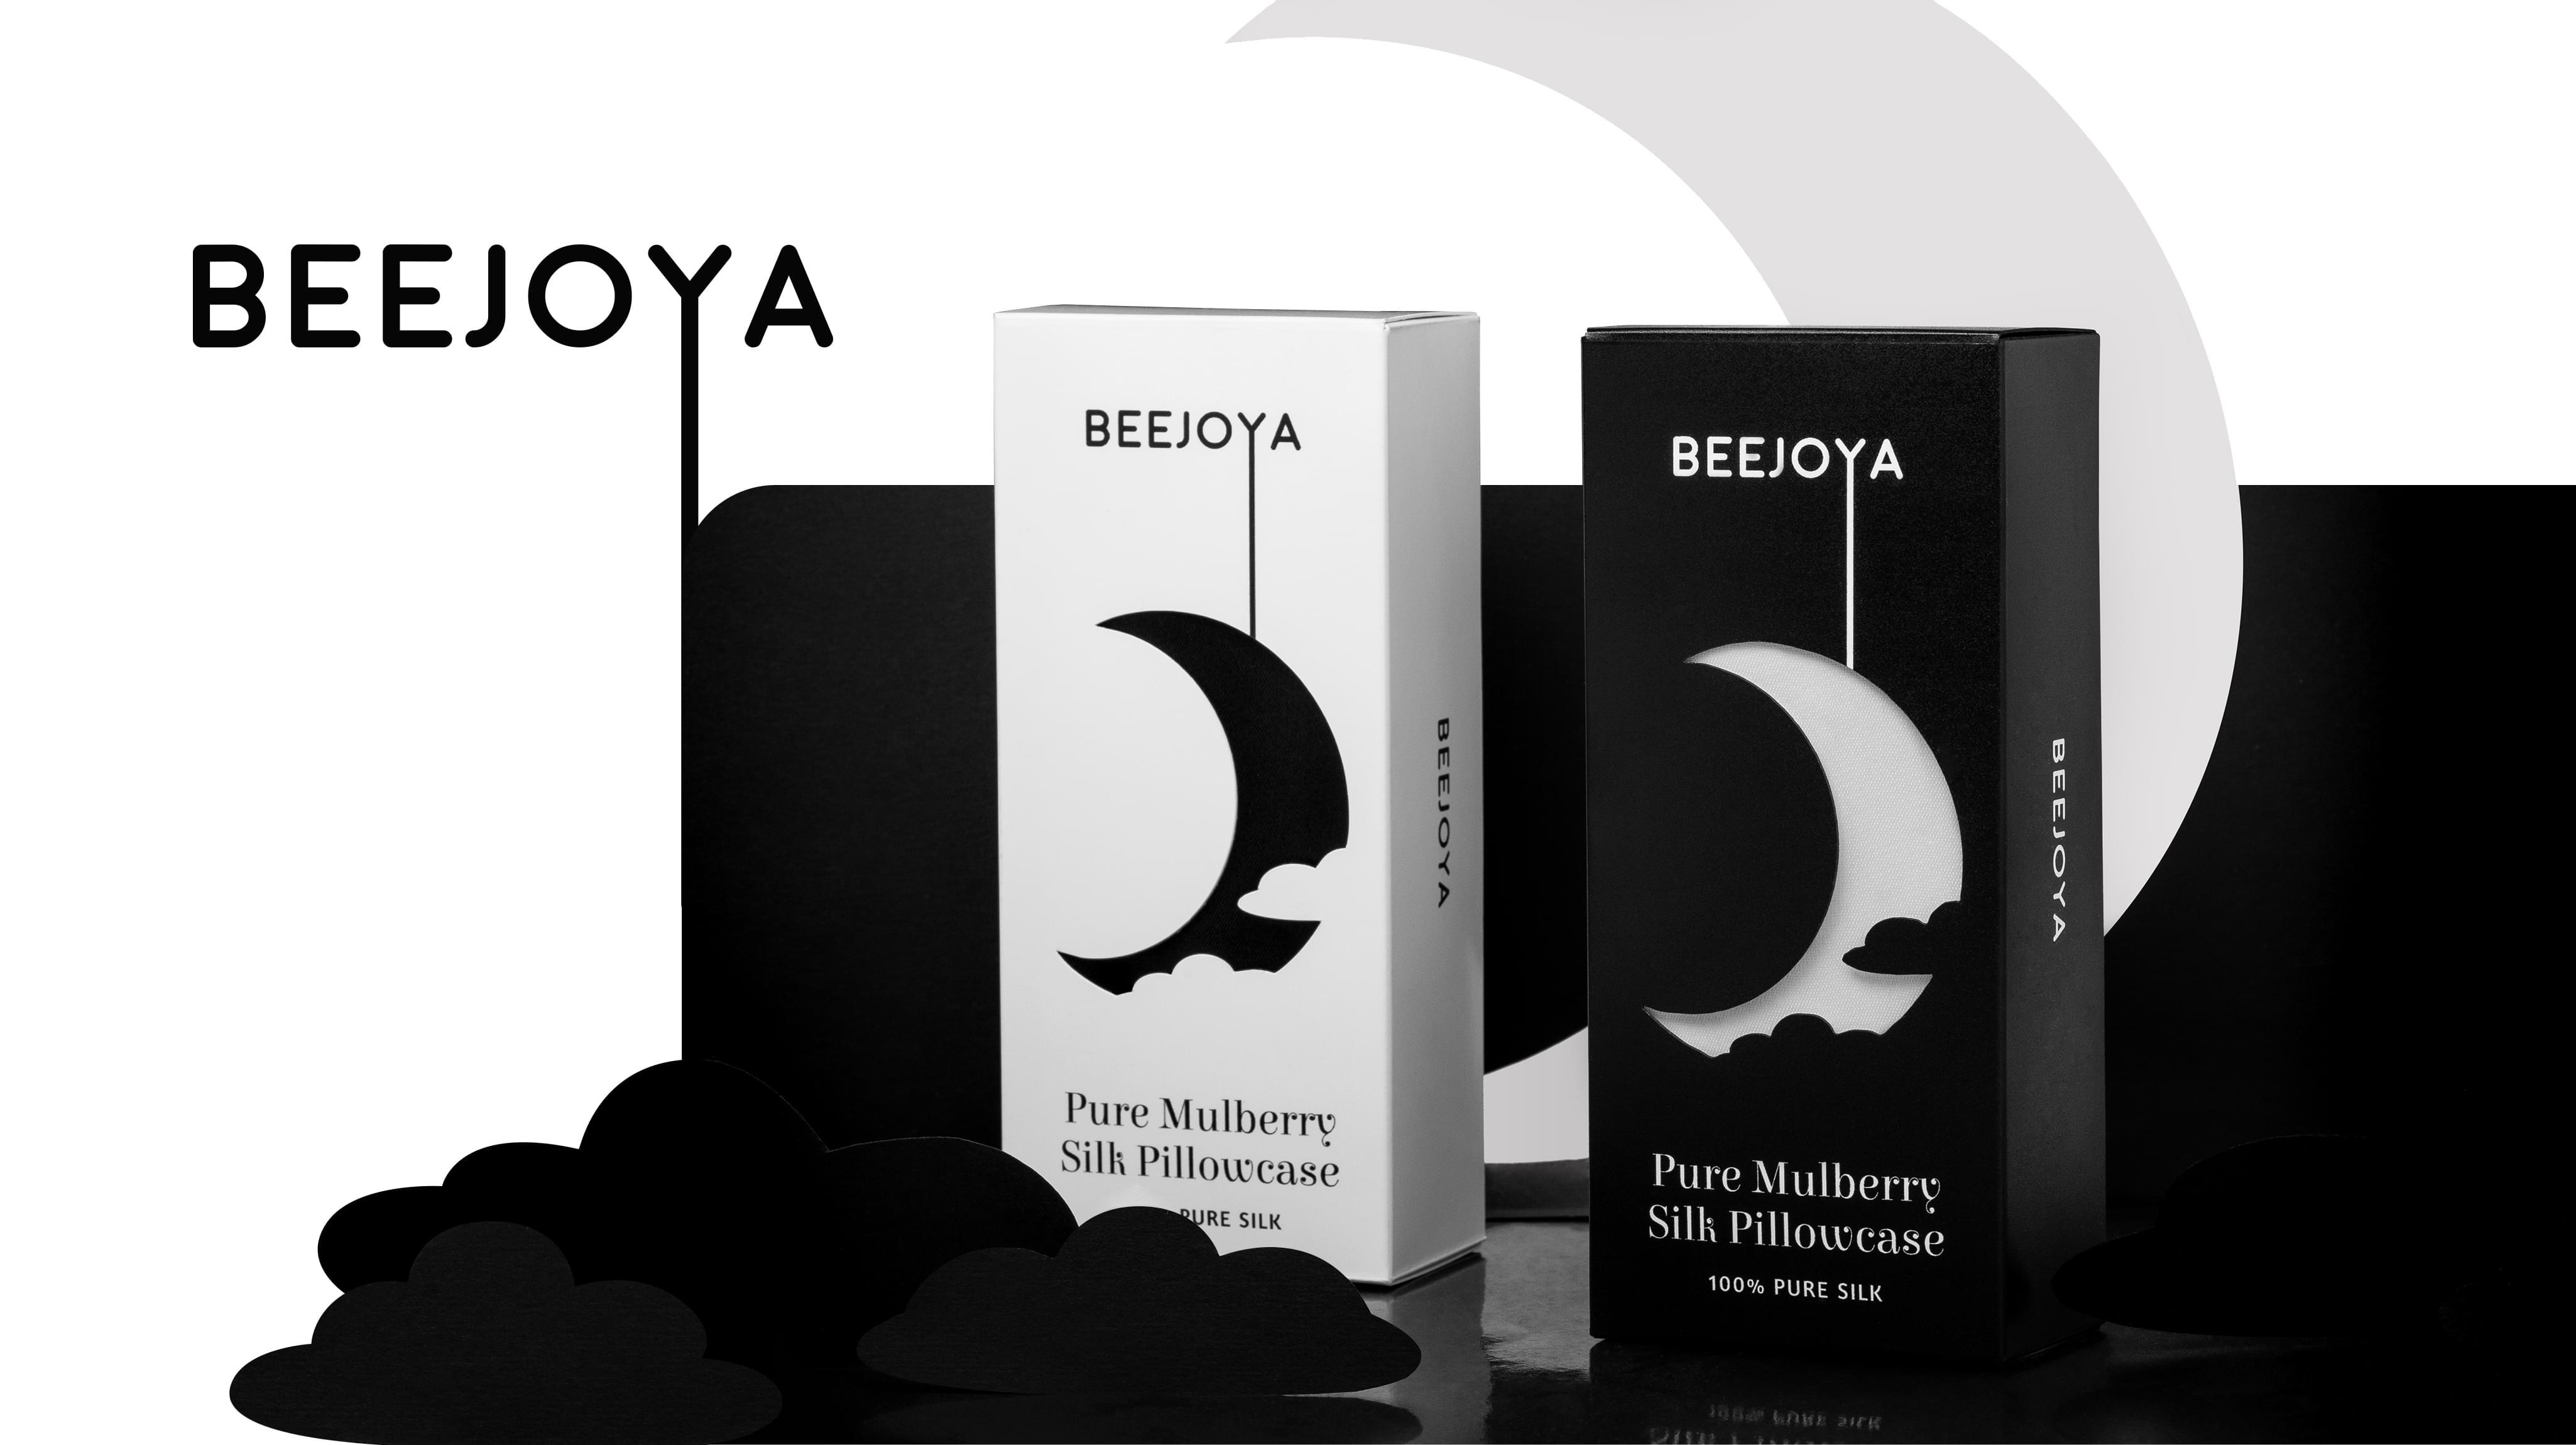 Beejoya